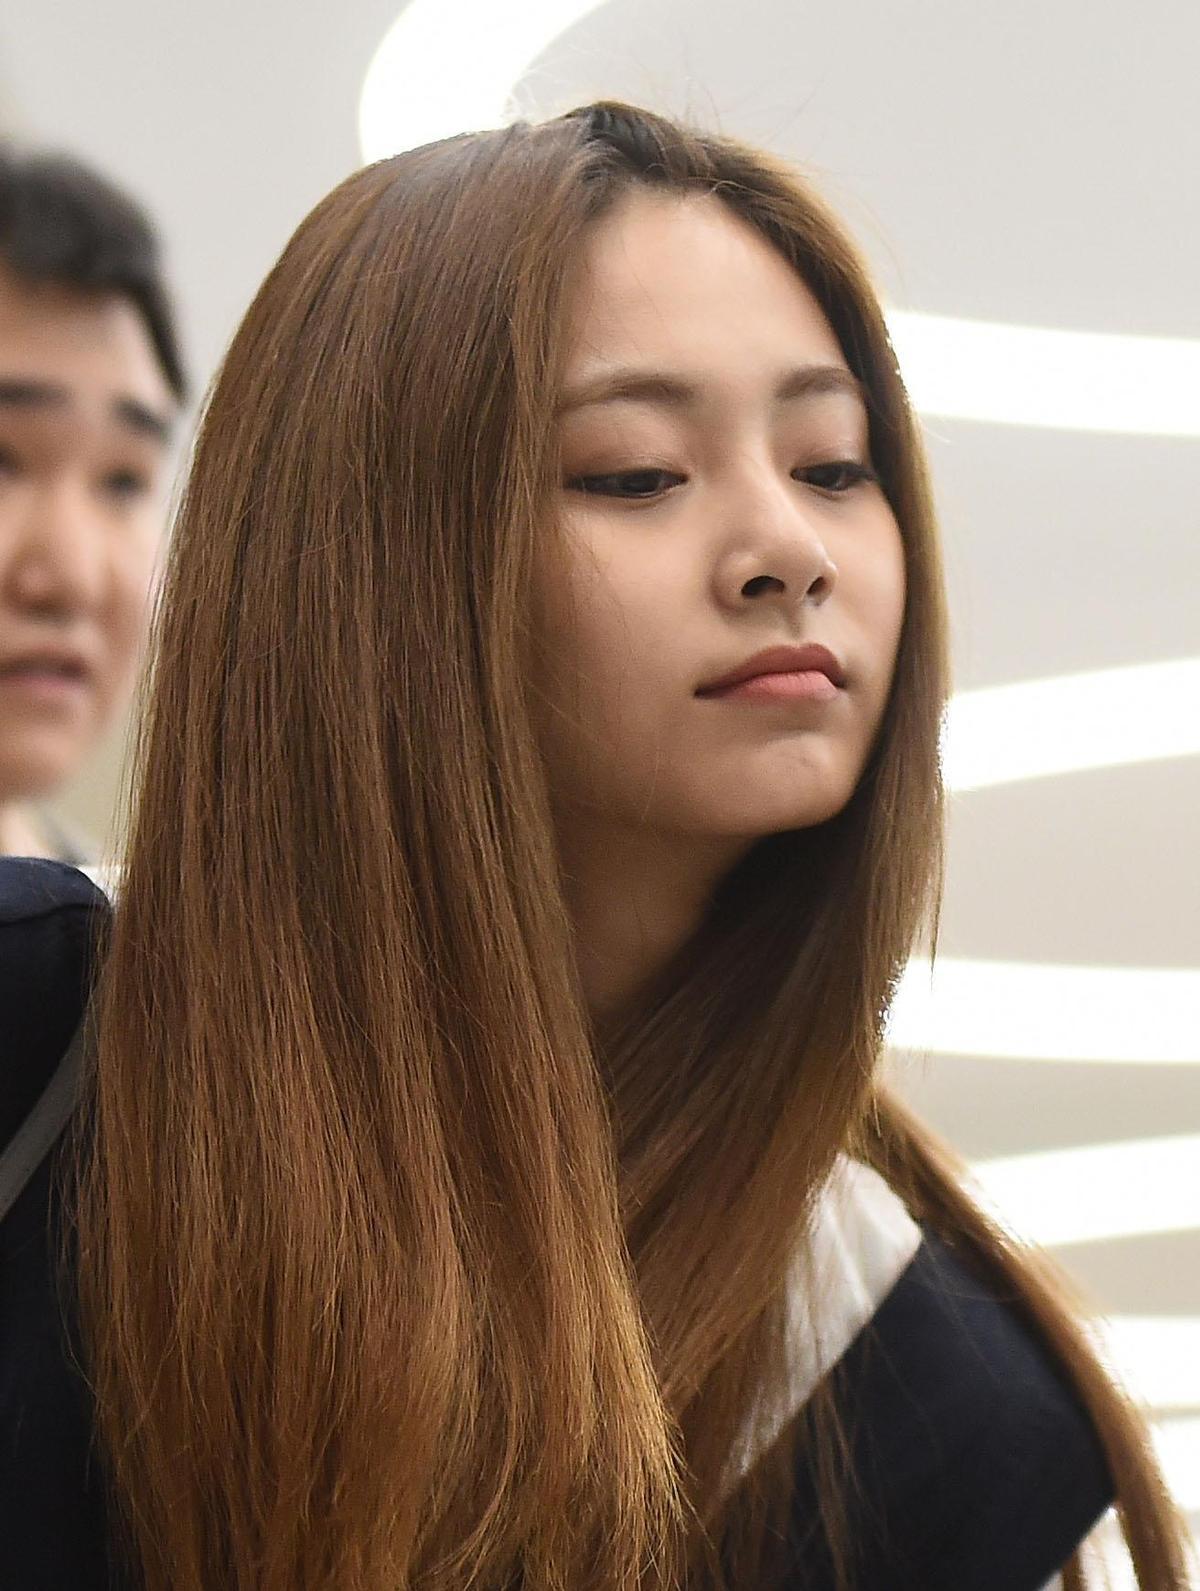 子瑜昨(29日)在機場被拍到膚色黝黑,精神似乎不太好。(東方IC)